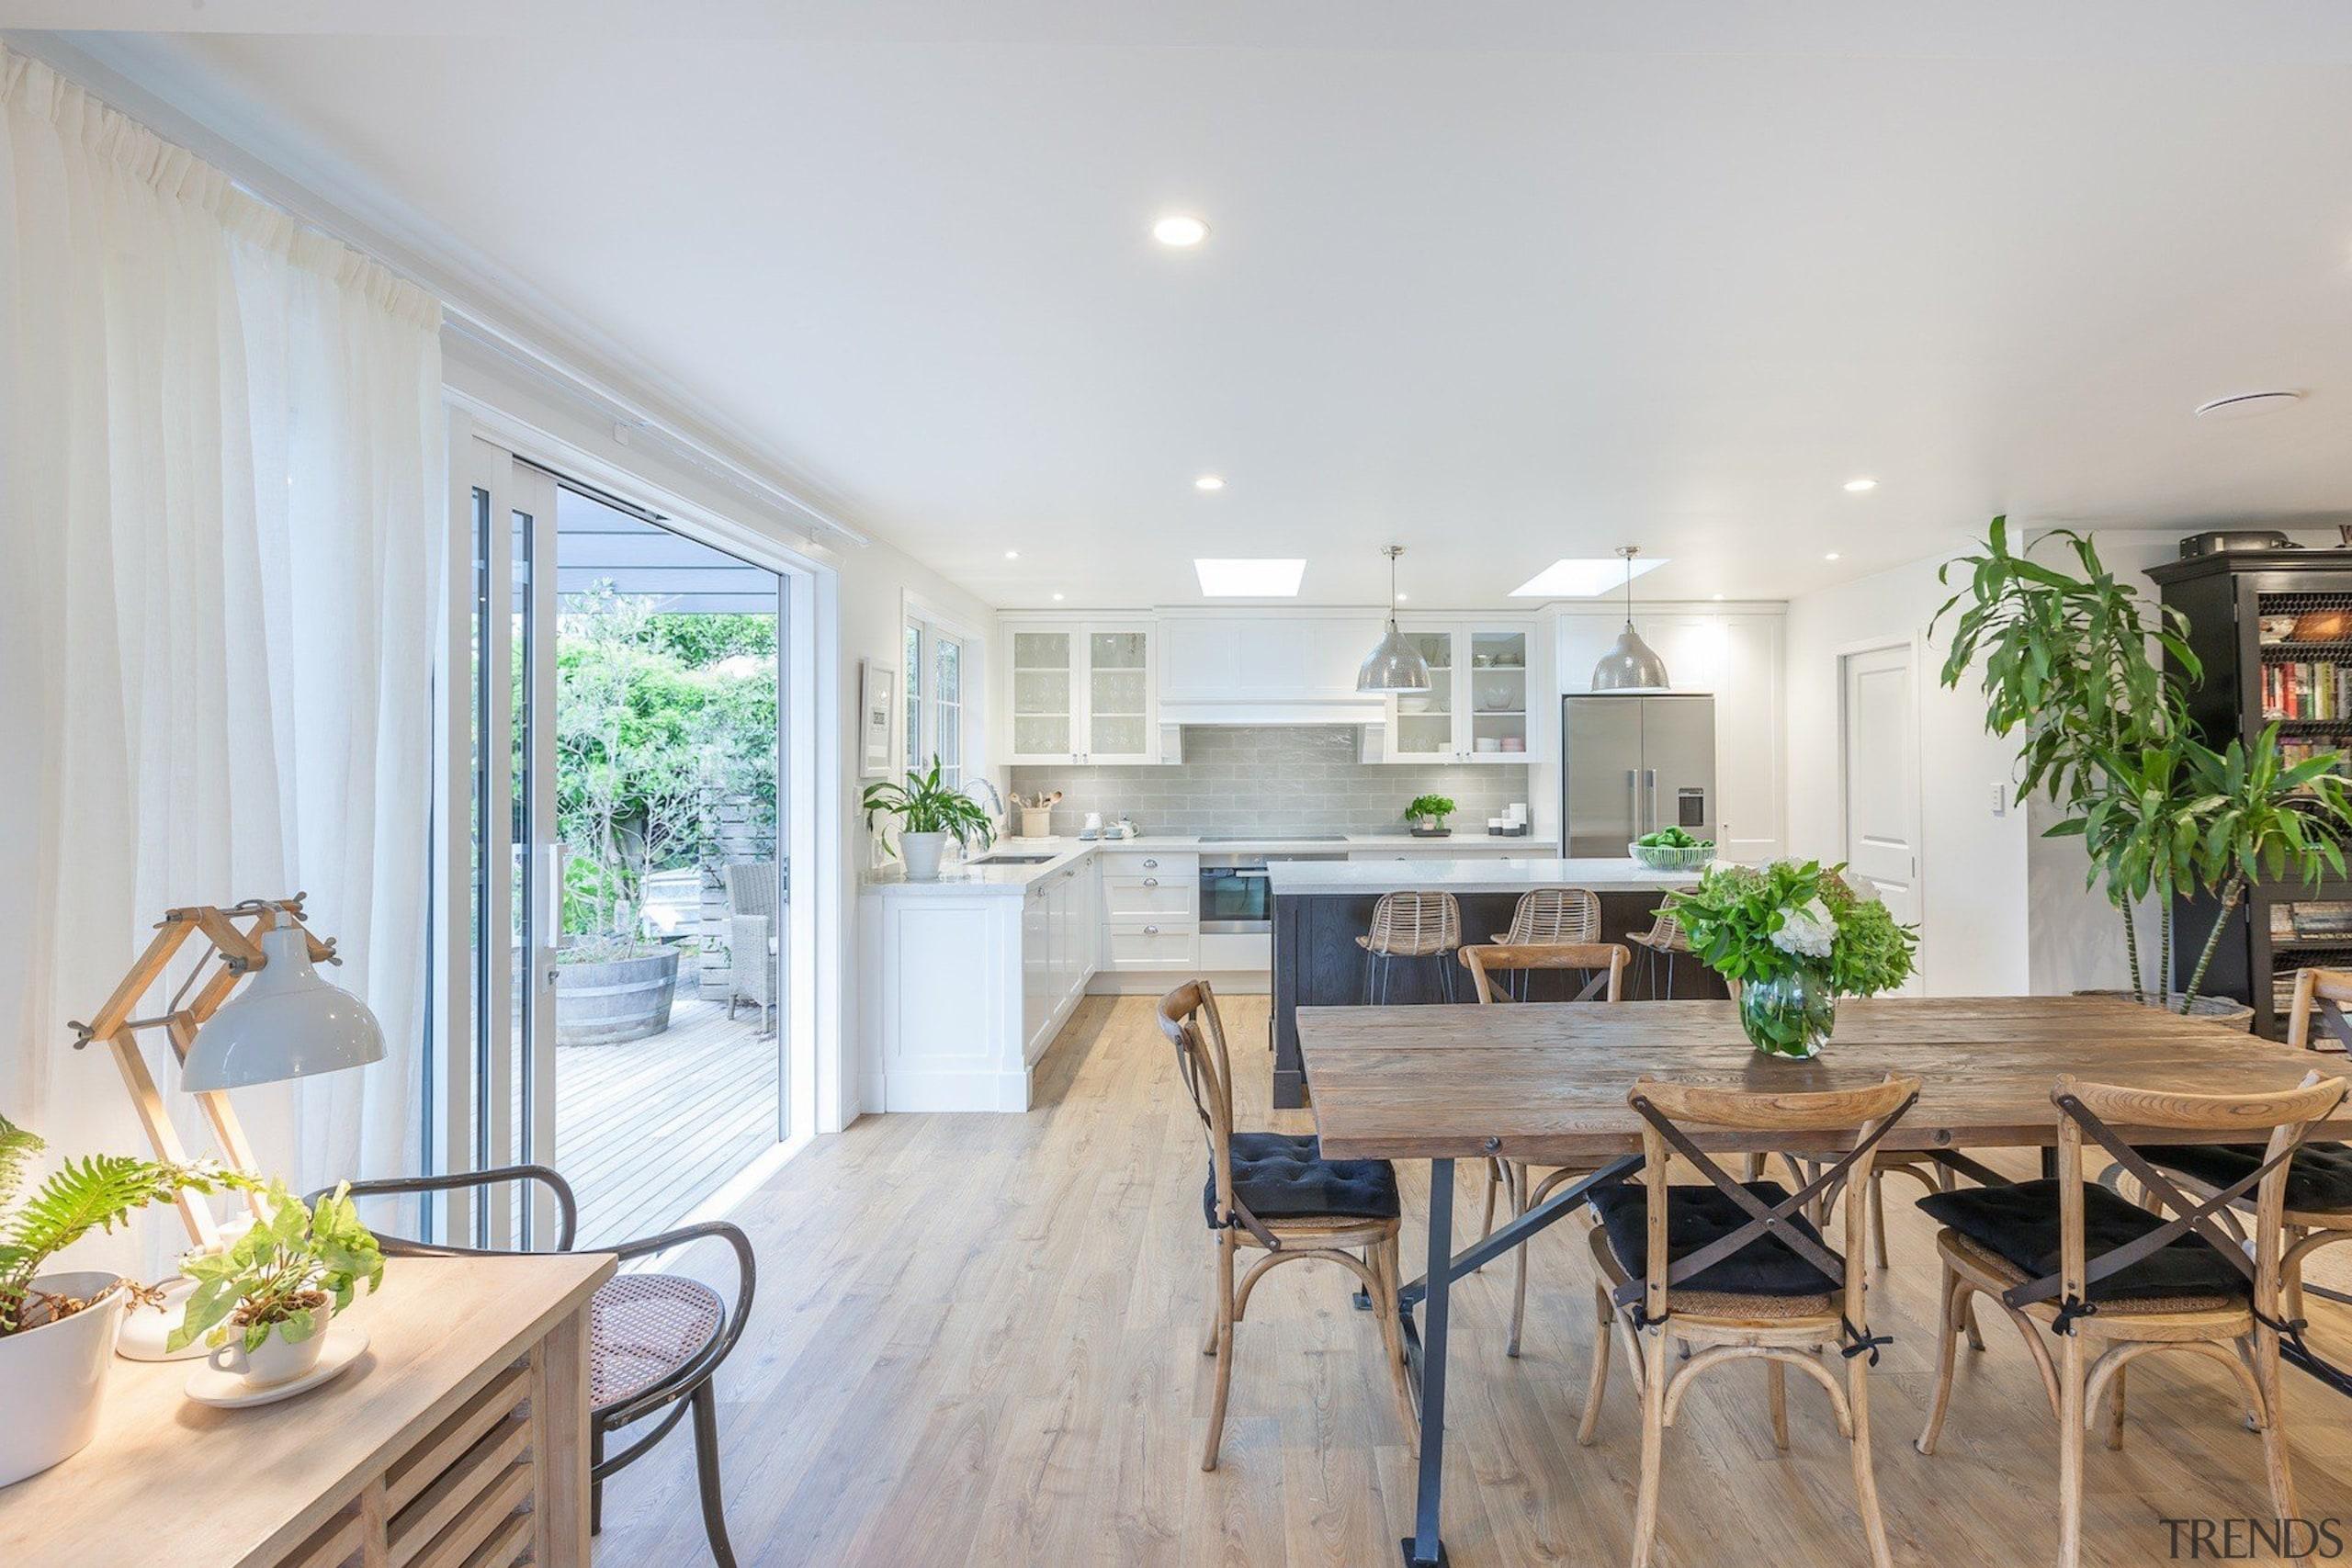 Fyfe Kitchens – TIDA New Zealand Designer home, house, interior design, living room, property, real estate, gray